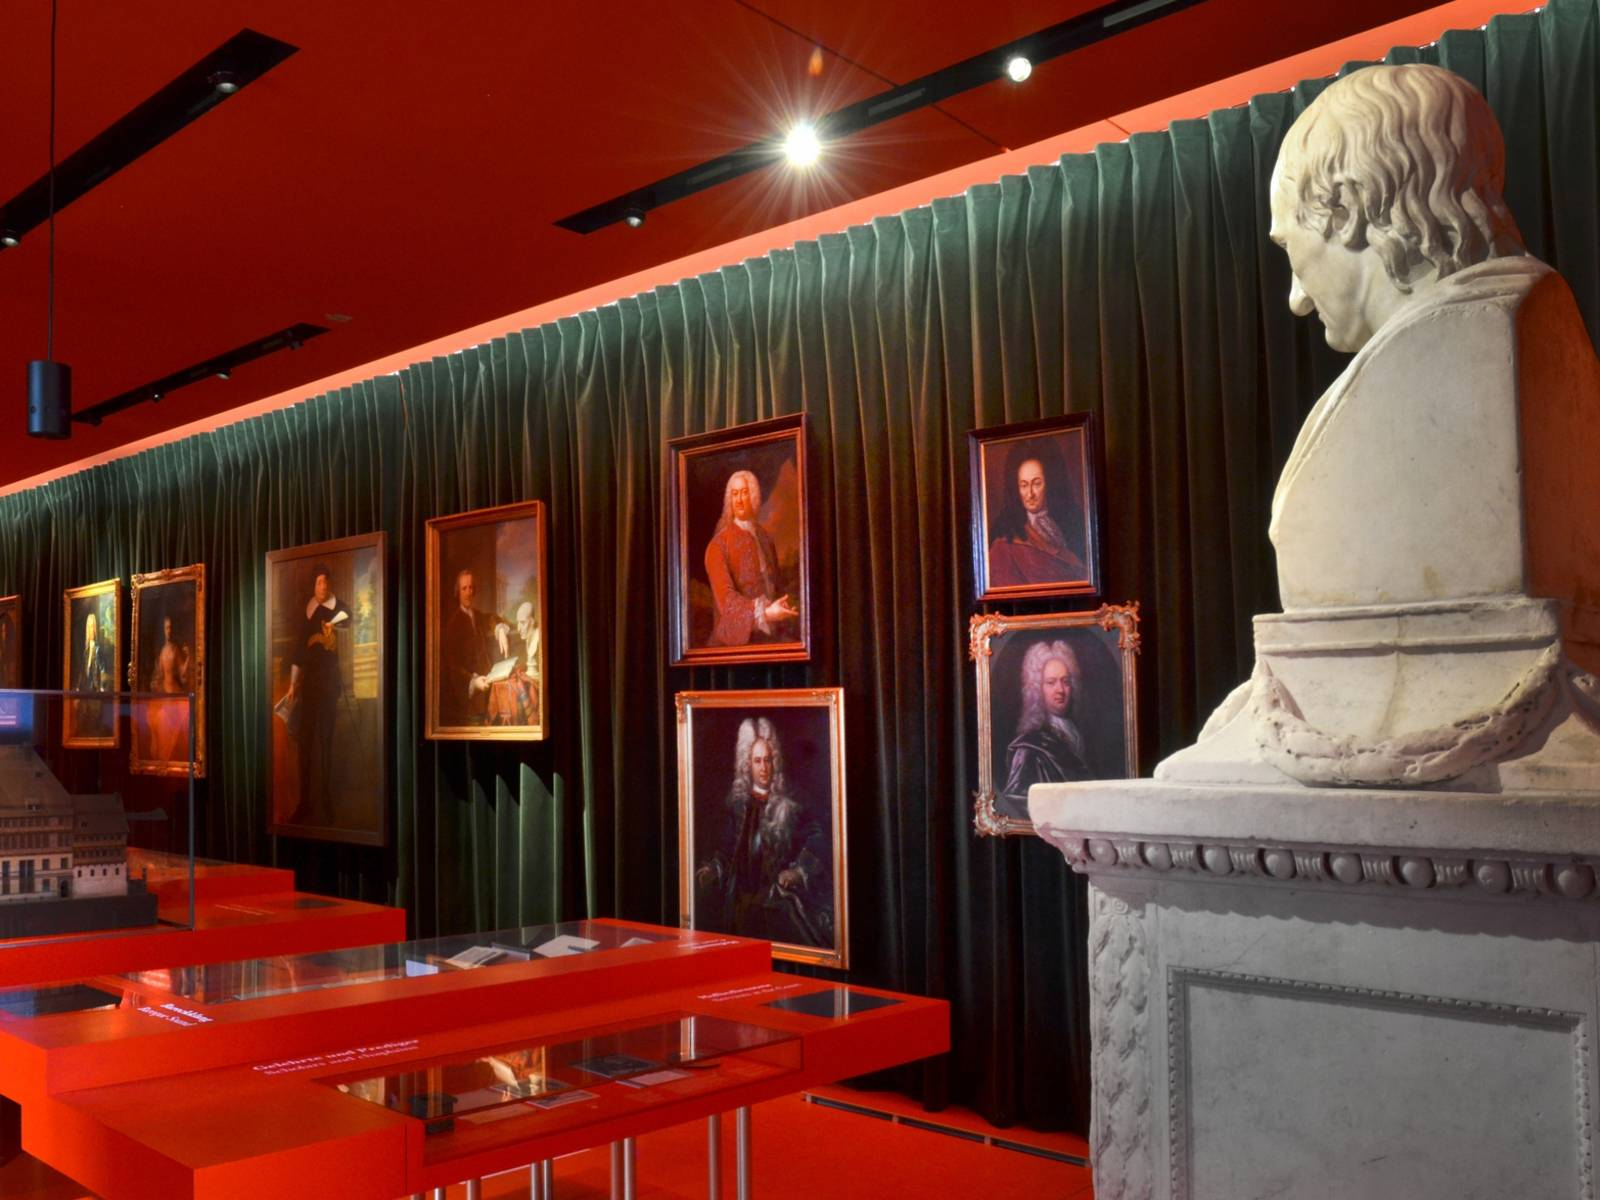 Blick in den Barockflügel des Museums Schloss Herrenhausen, im Vordergrund rechts eine Büste des Universalgelehrten Leibniz, im Hintergrund hängen diverse Portraitbilder vor einem grünen Samtvorhang